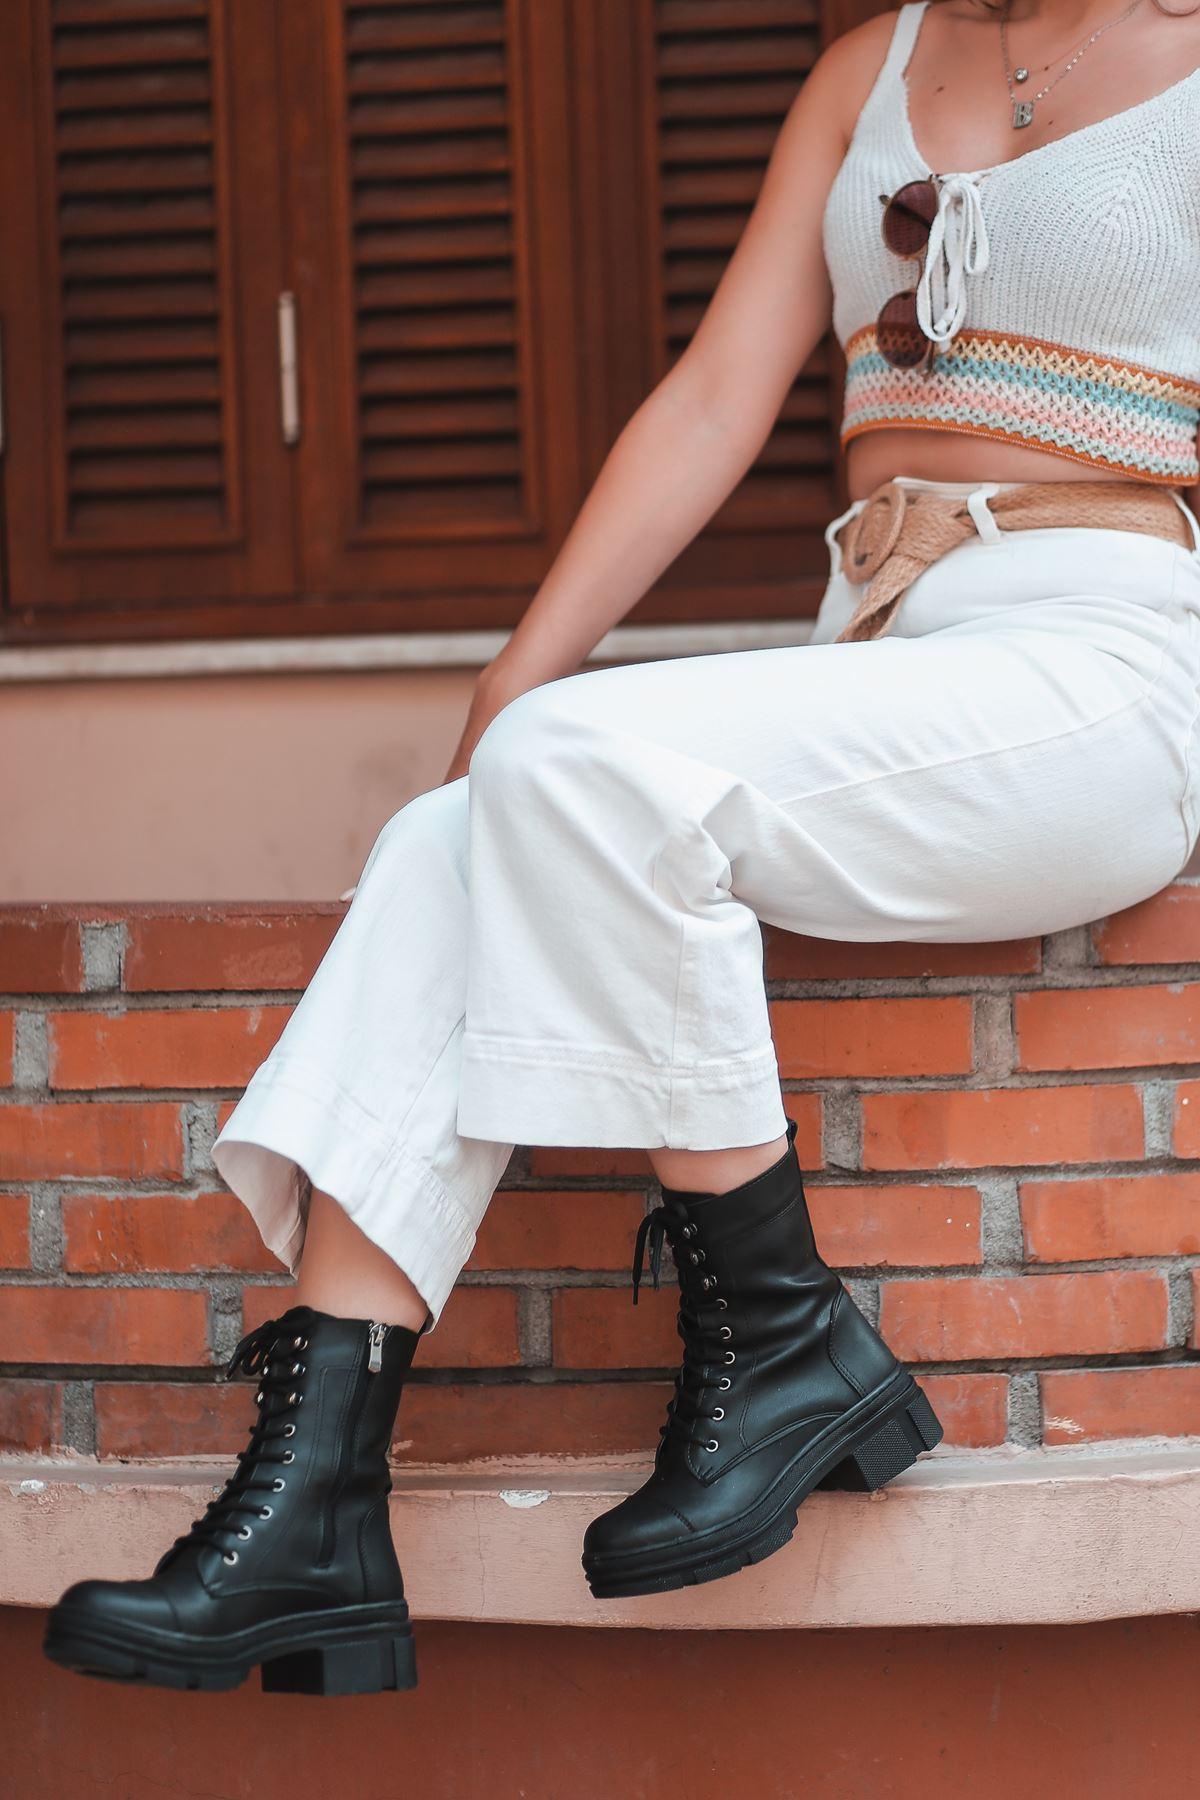 Calista Siyah Bağcık Detay Kadın Postal Bot